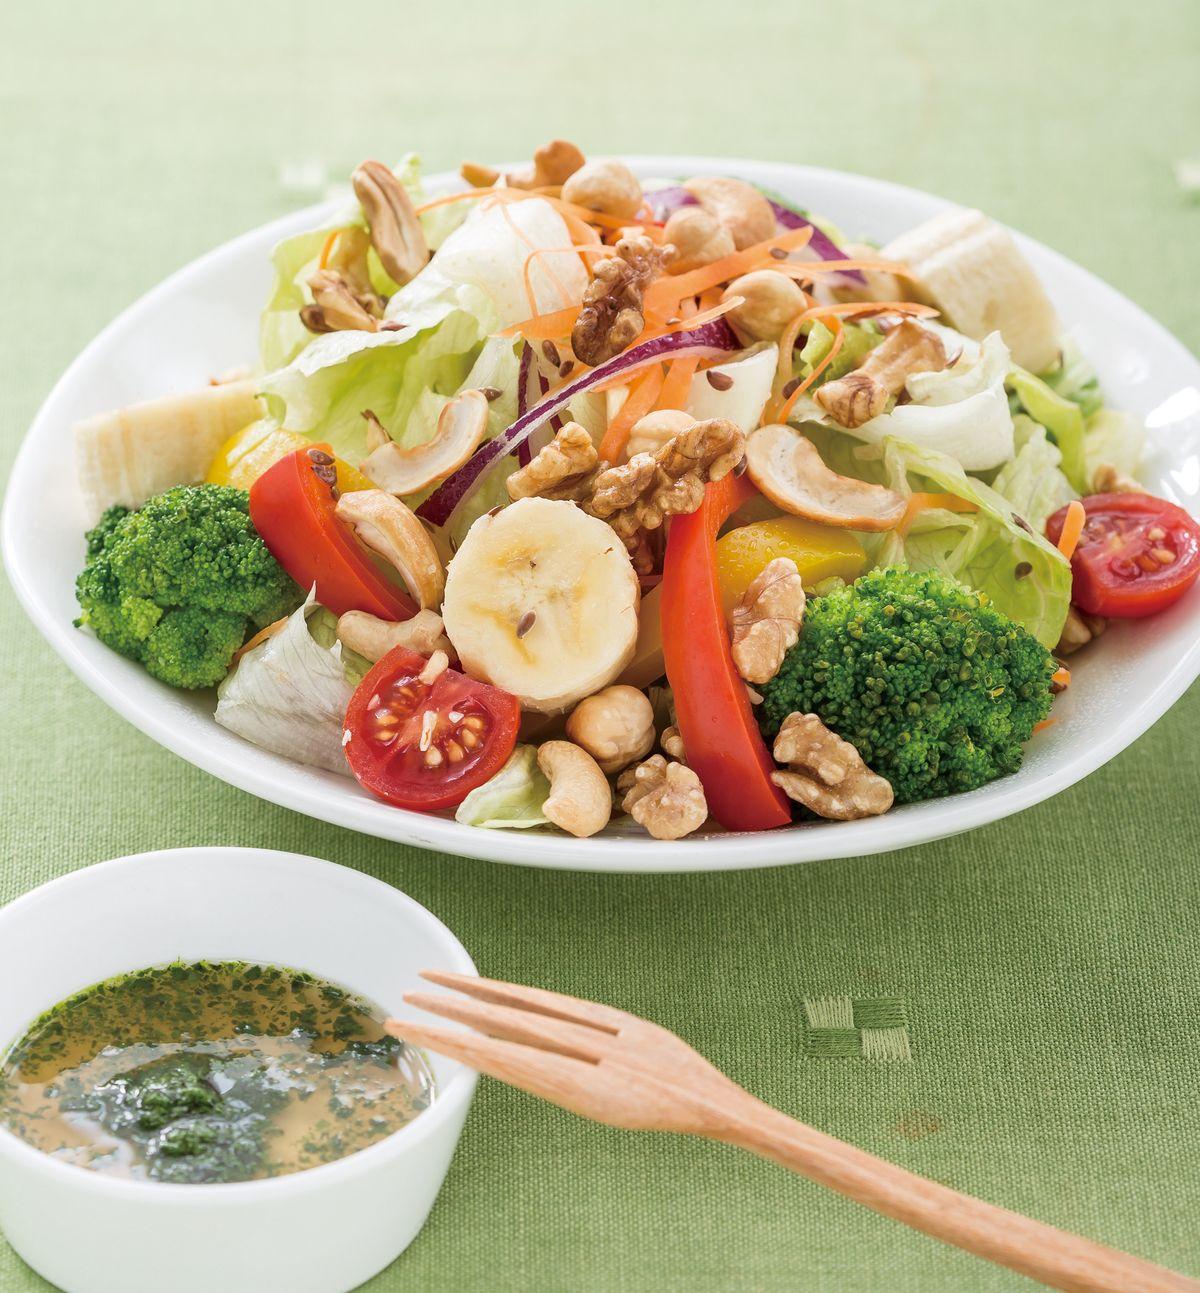 食譜:堅果沙拉